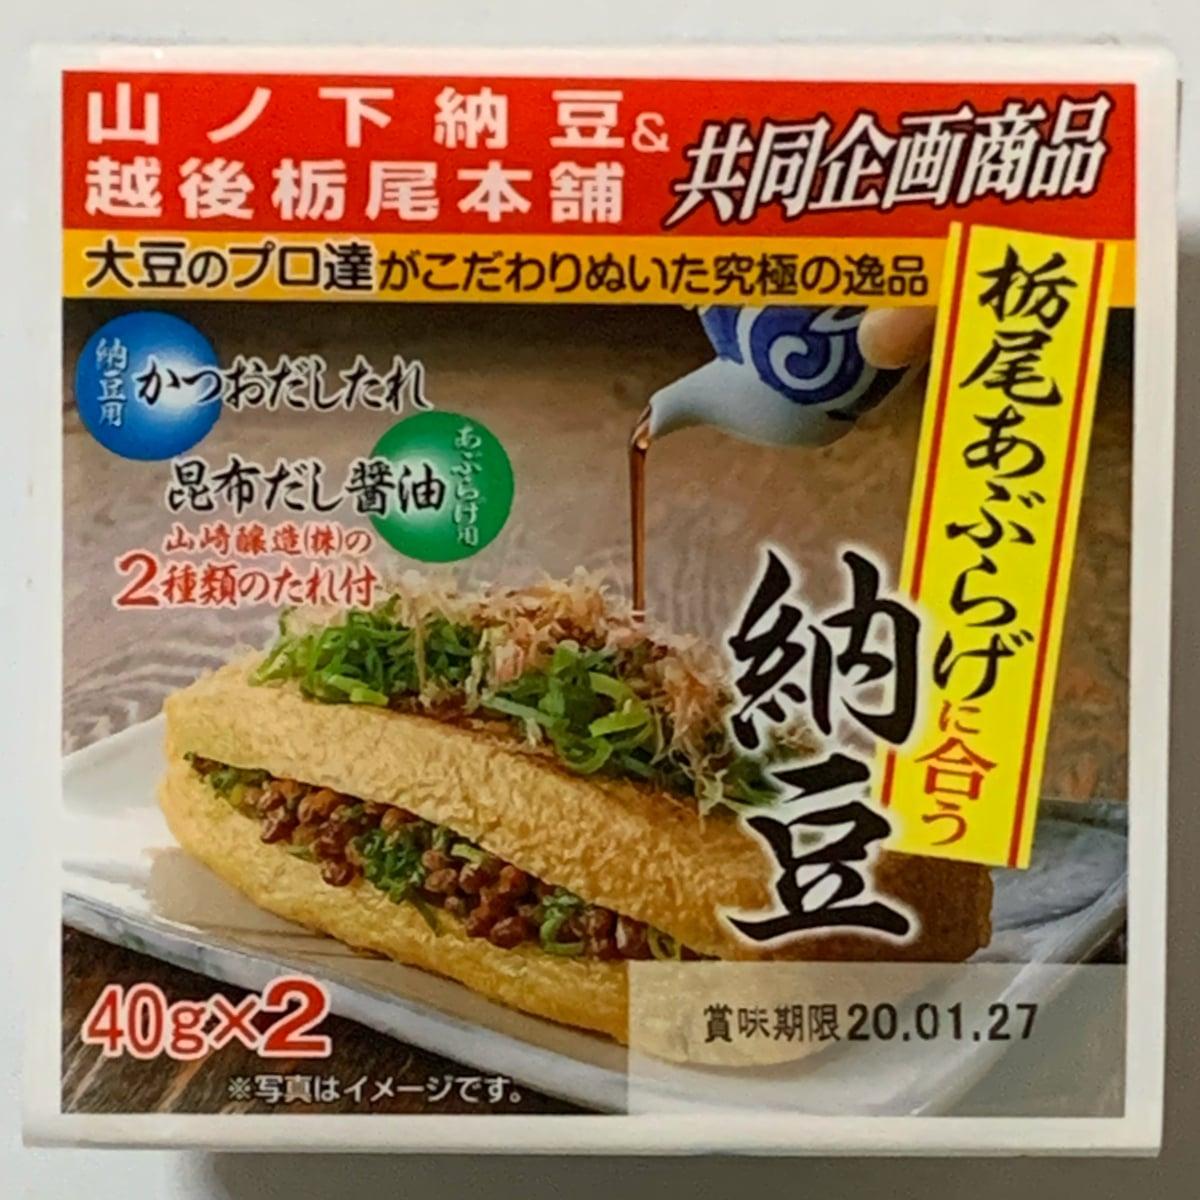 山ノ下納豆製造所「栃尾あぶらあげに合う納豆」